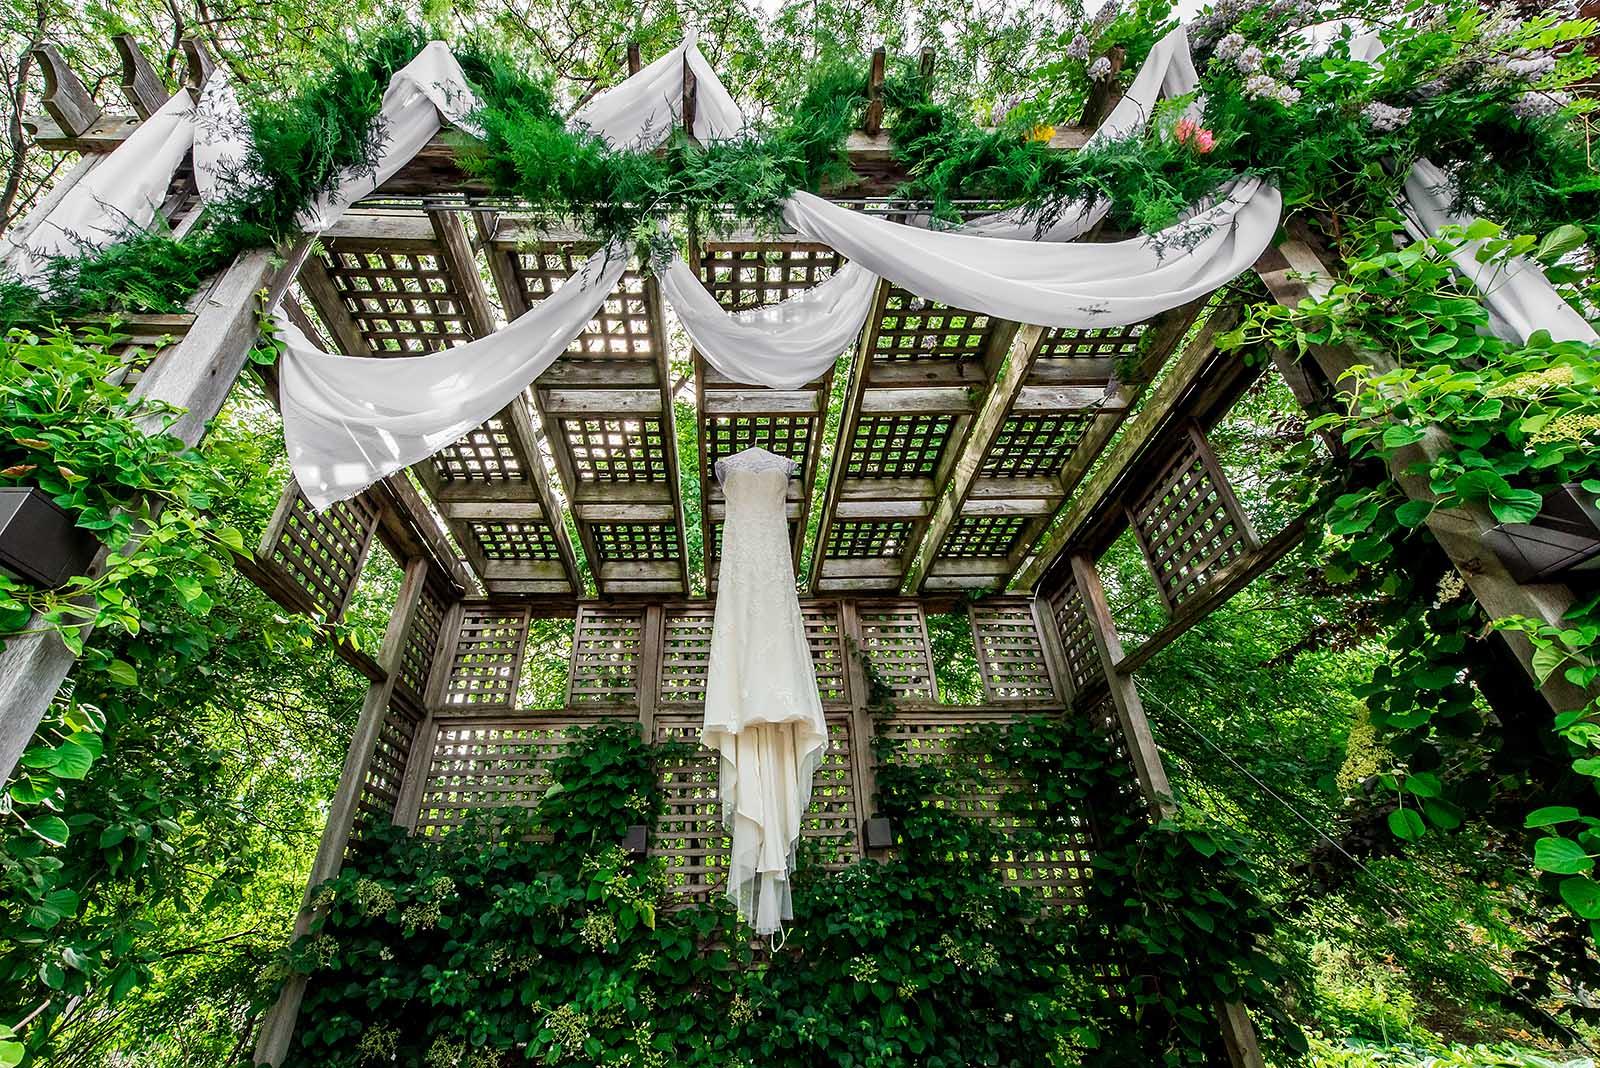 Wedding Dress hanging outdoors in garden pergola